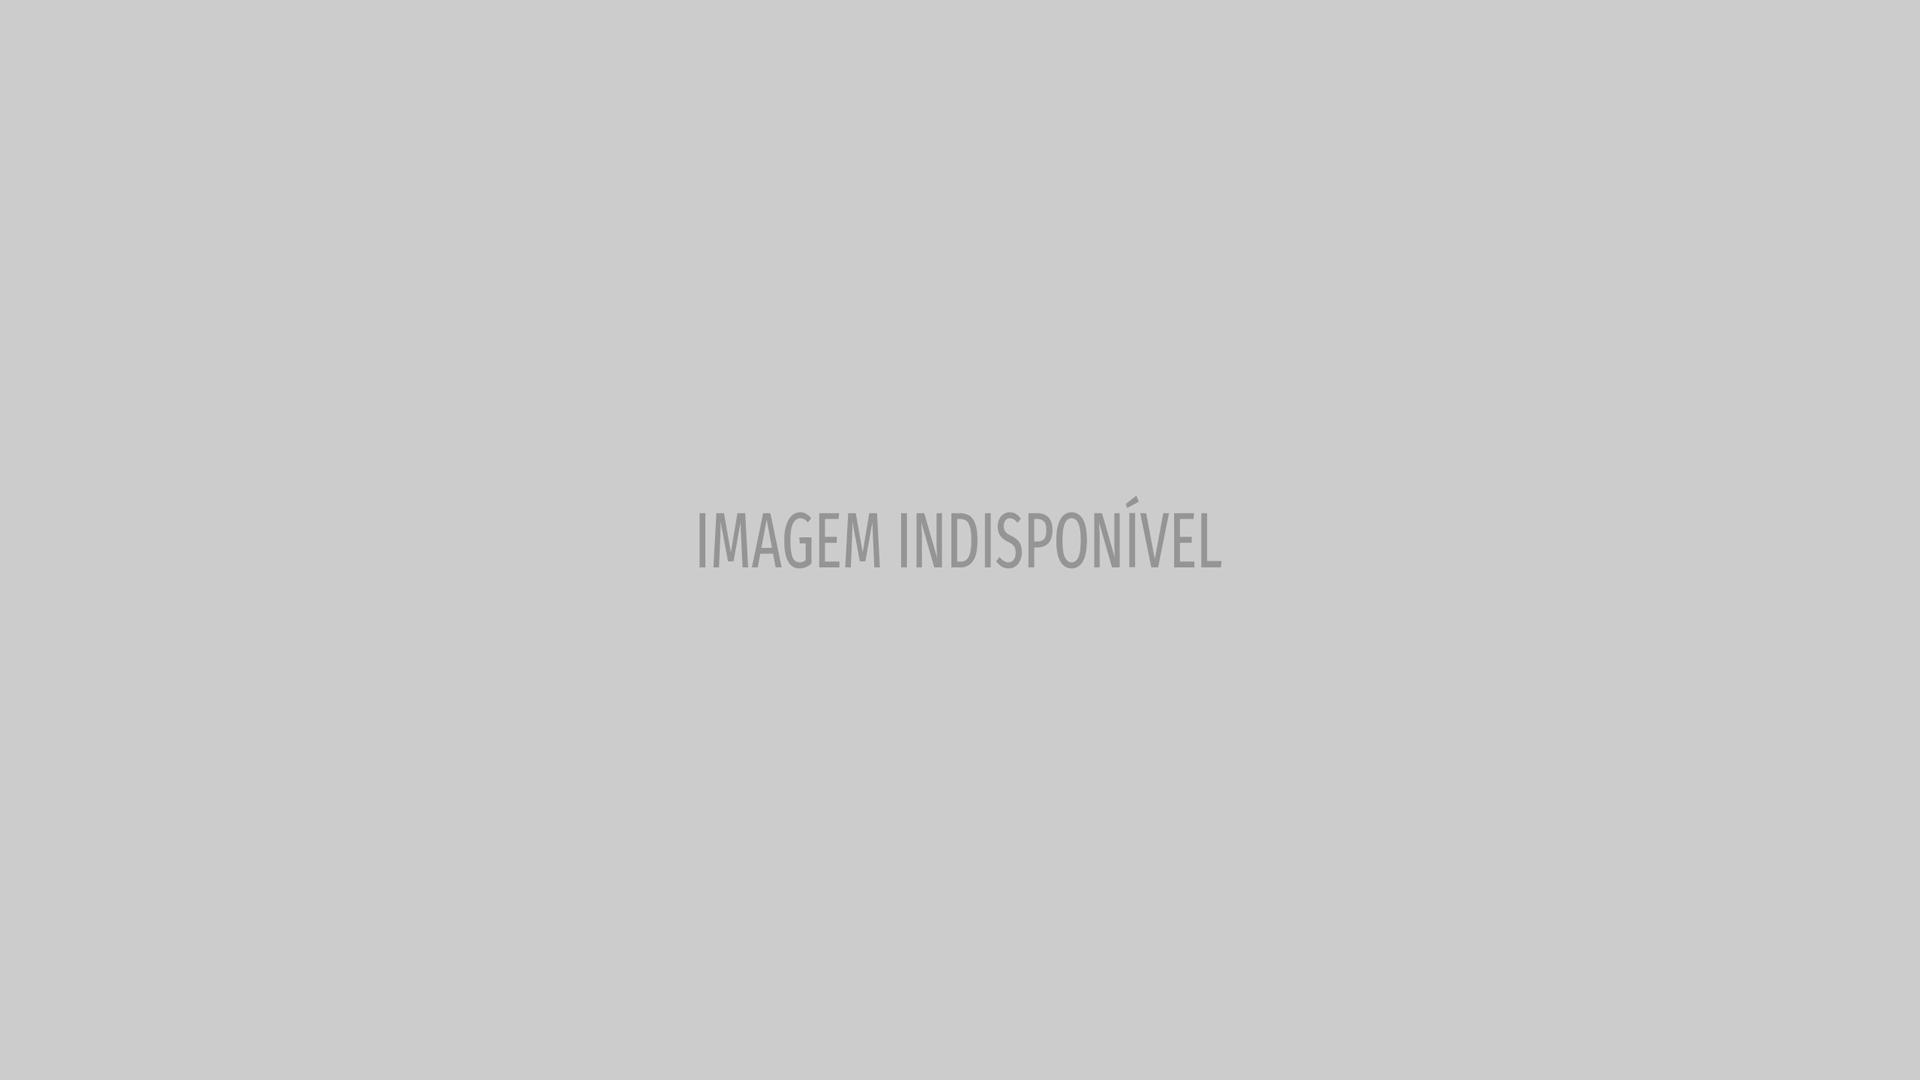 Mãe pede que não julguem filho morto em escola: 'não foi assim'